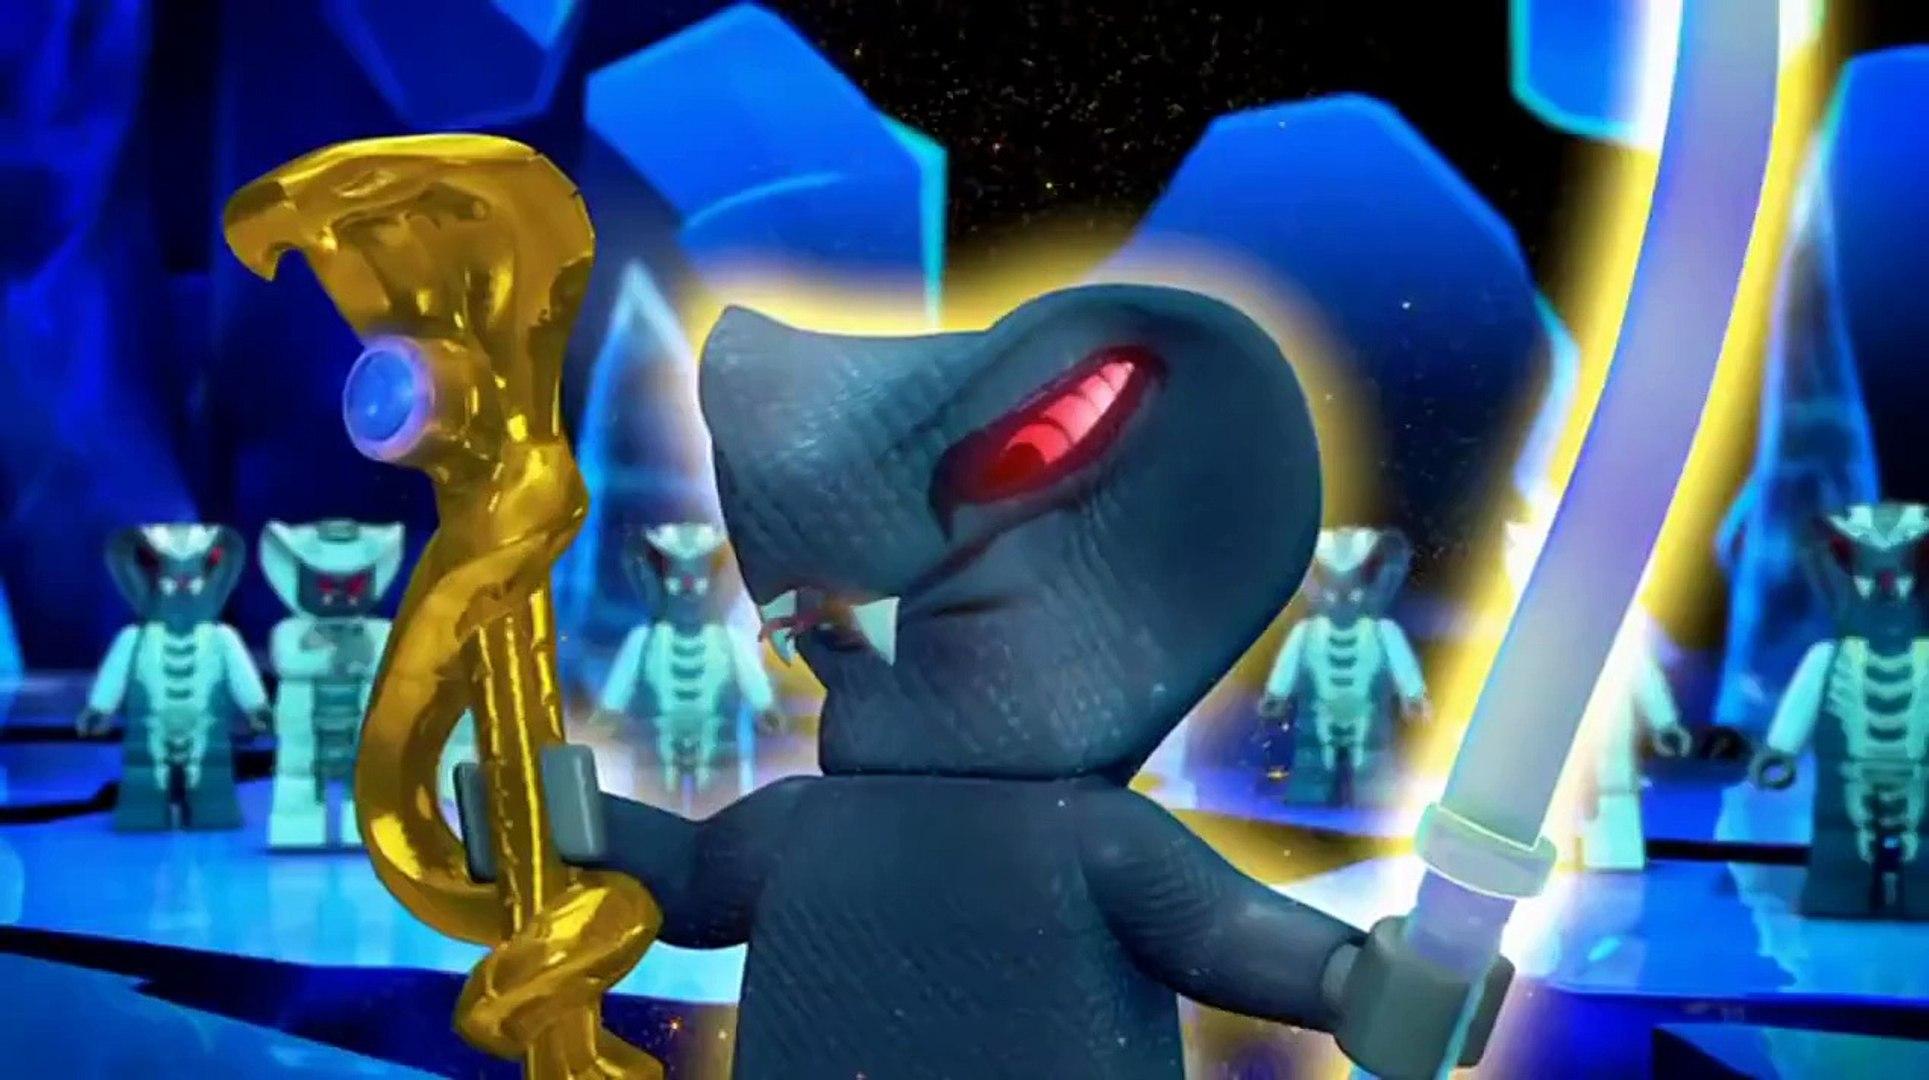 Lego Ninjago Temporada 02 Episodio 04 Dublado Pt Br Video